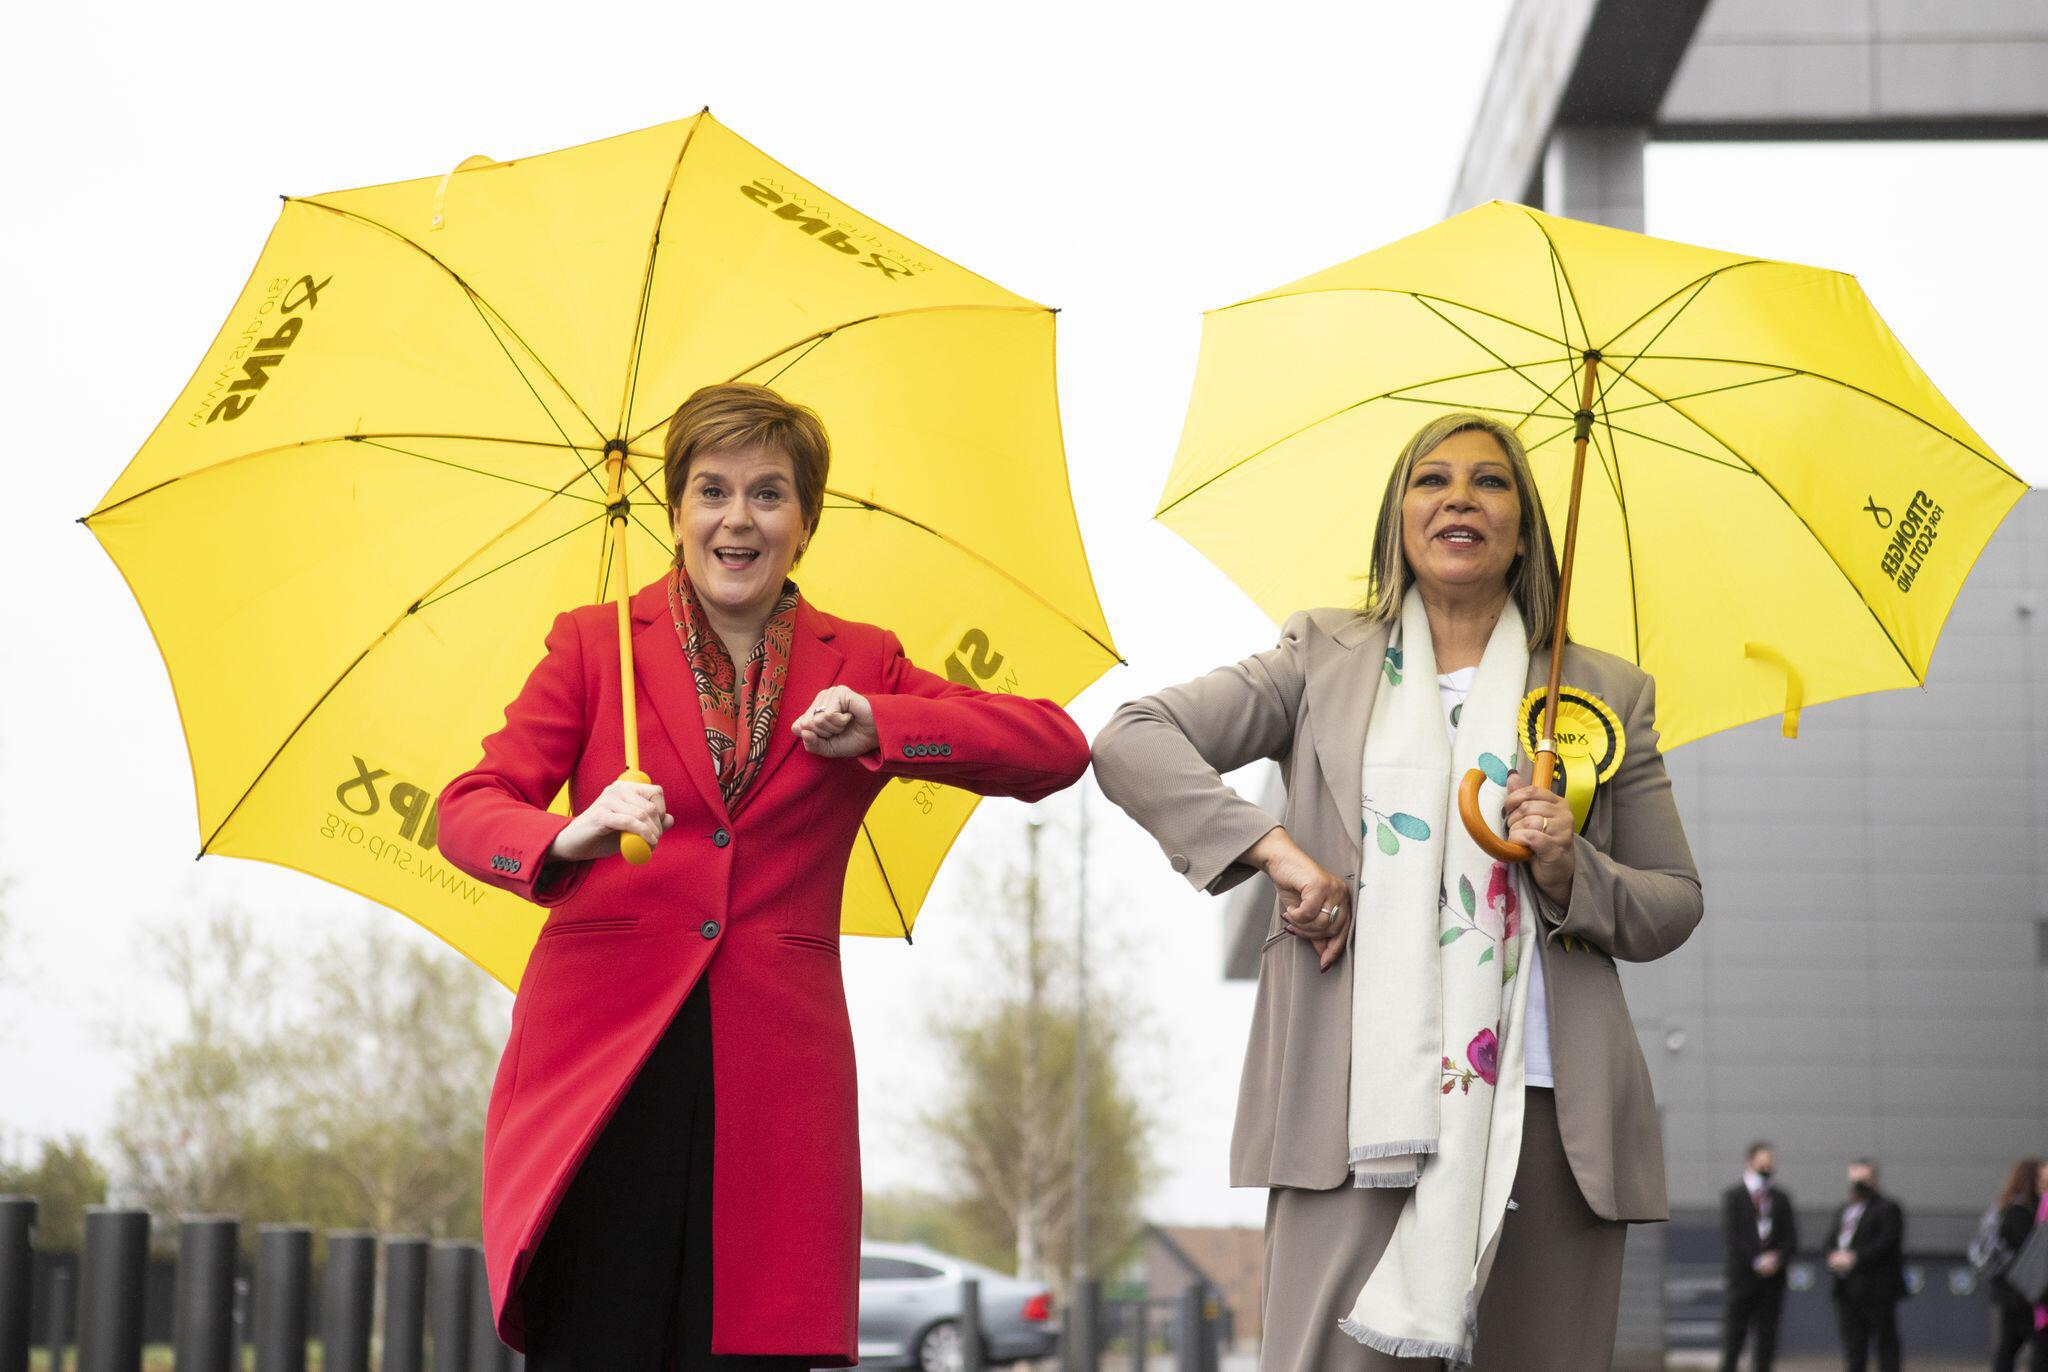 Regierungspartei SNP verpasste absolute Mehrheit bei Parlamentswahlen knapp